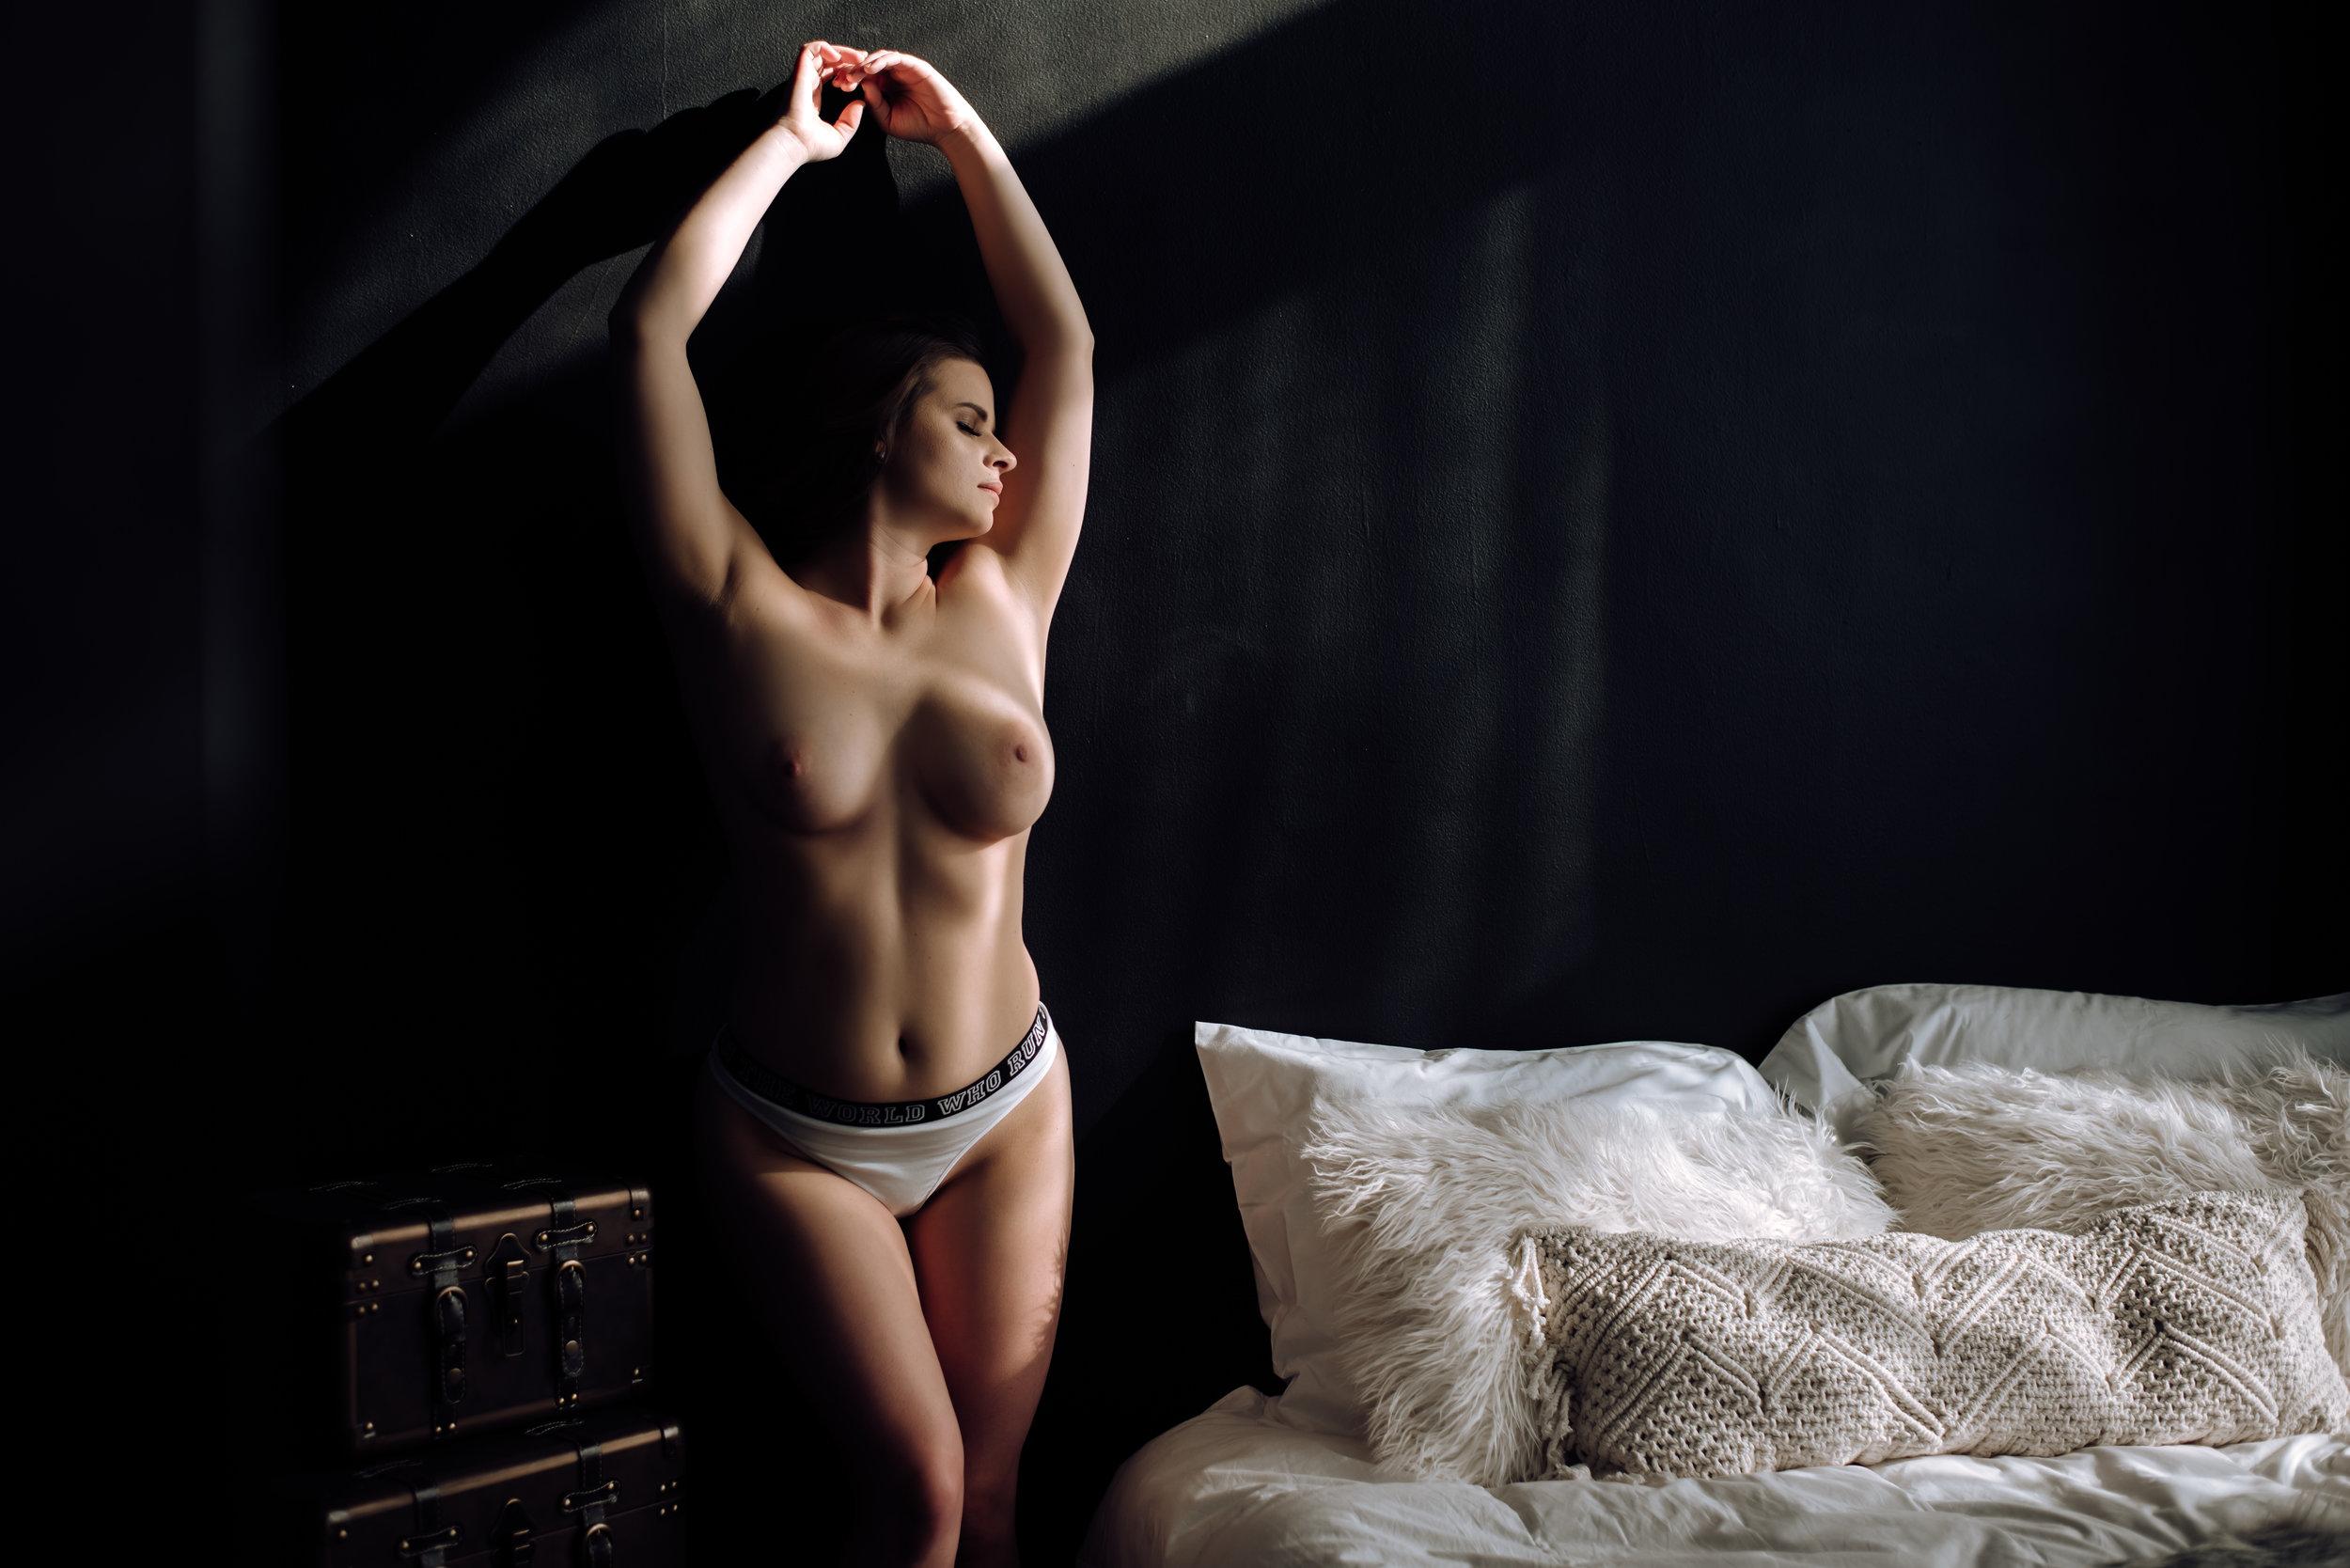 boudoir-photos-berks-county-82.jpg